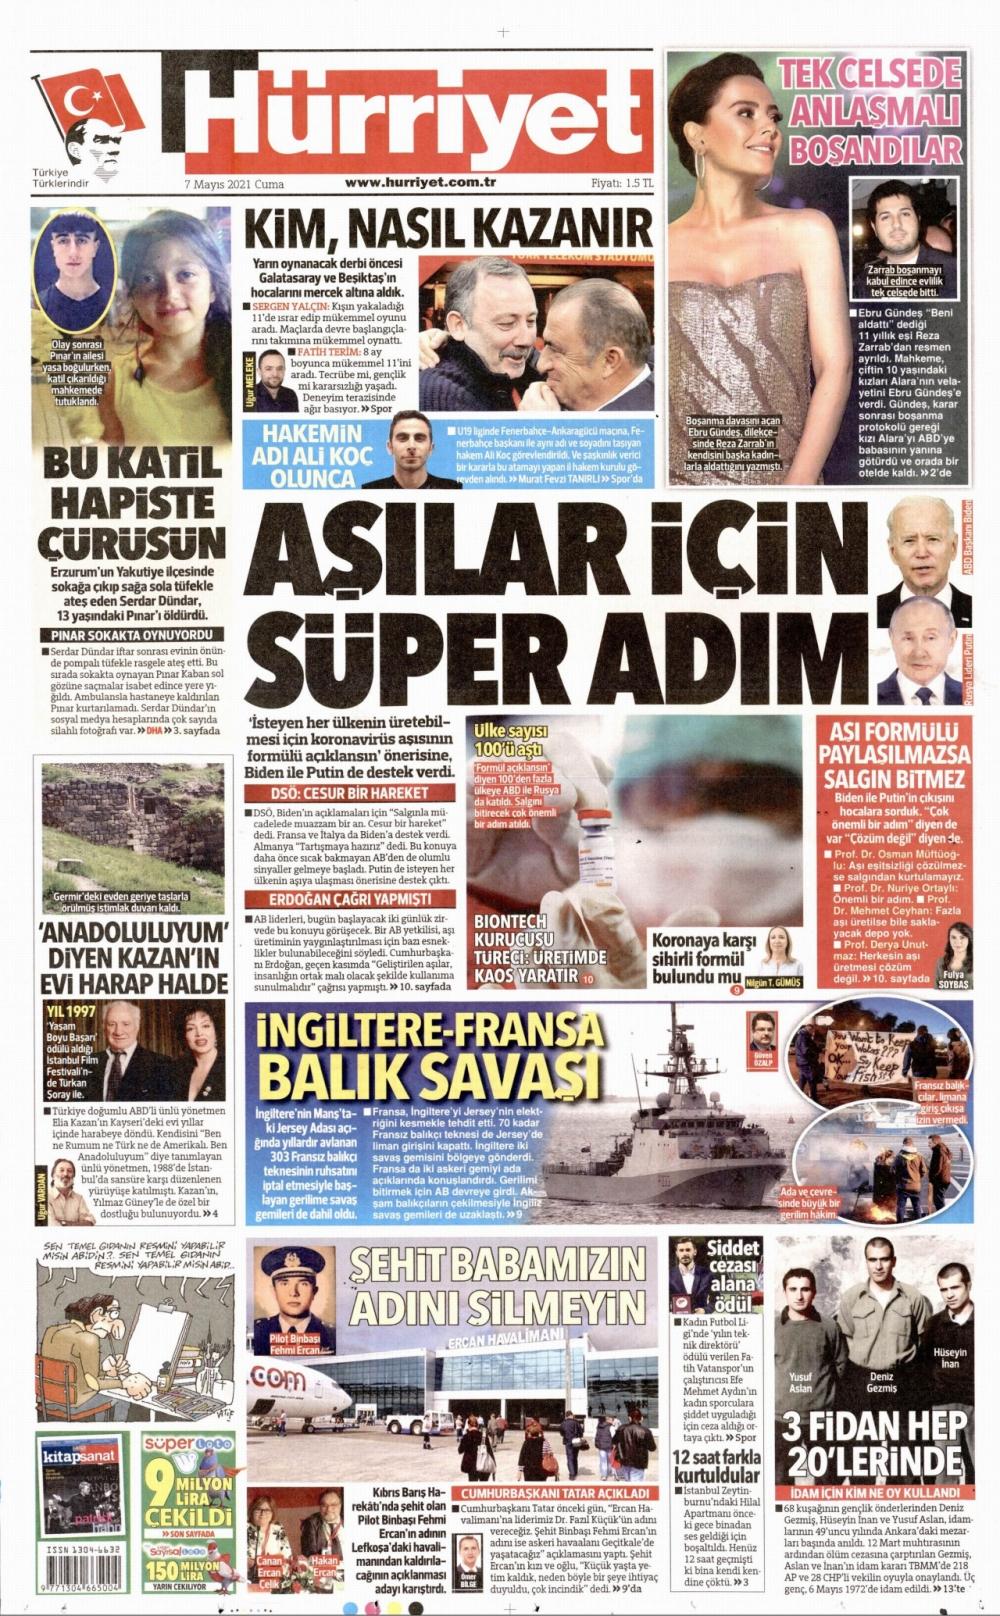 Günün Gazete Manşetleri 7 Mayıs 2021 Gazeteler Ne Diyor? 1